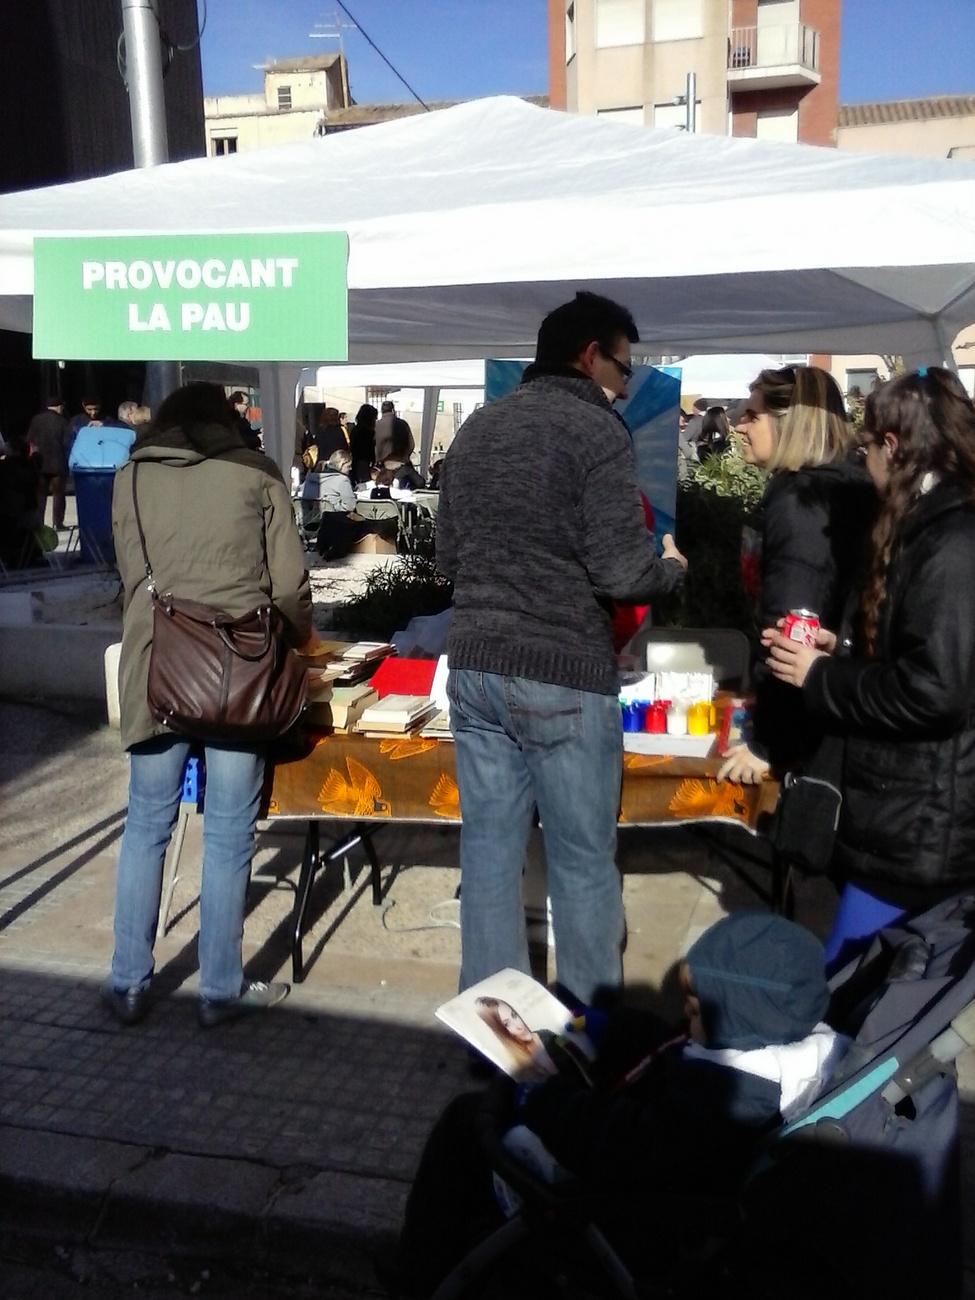 movilizacion-social-acciones-voluntariado-estands-en-ferias-7